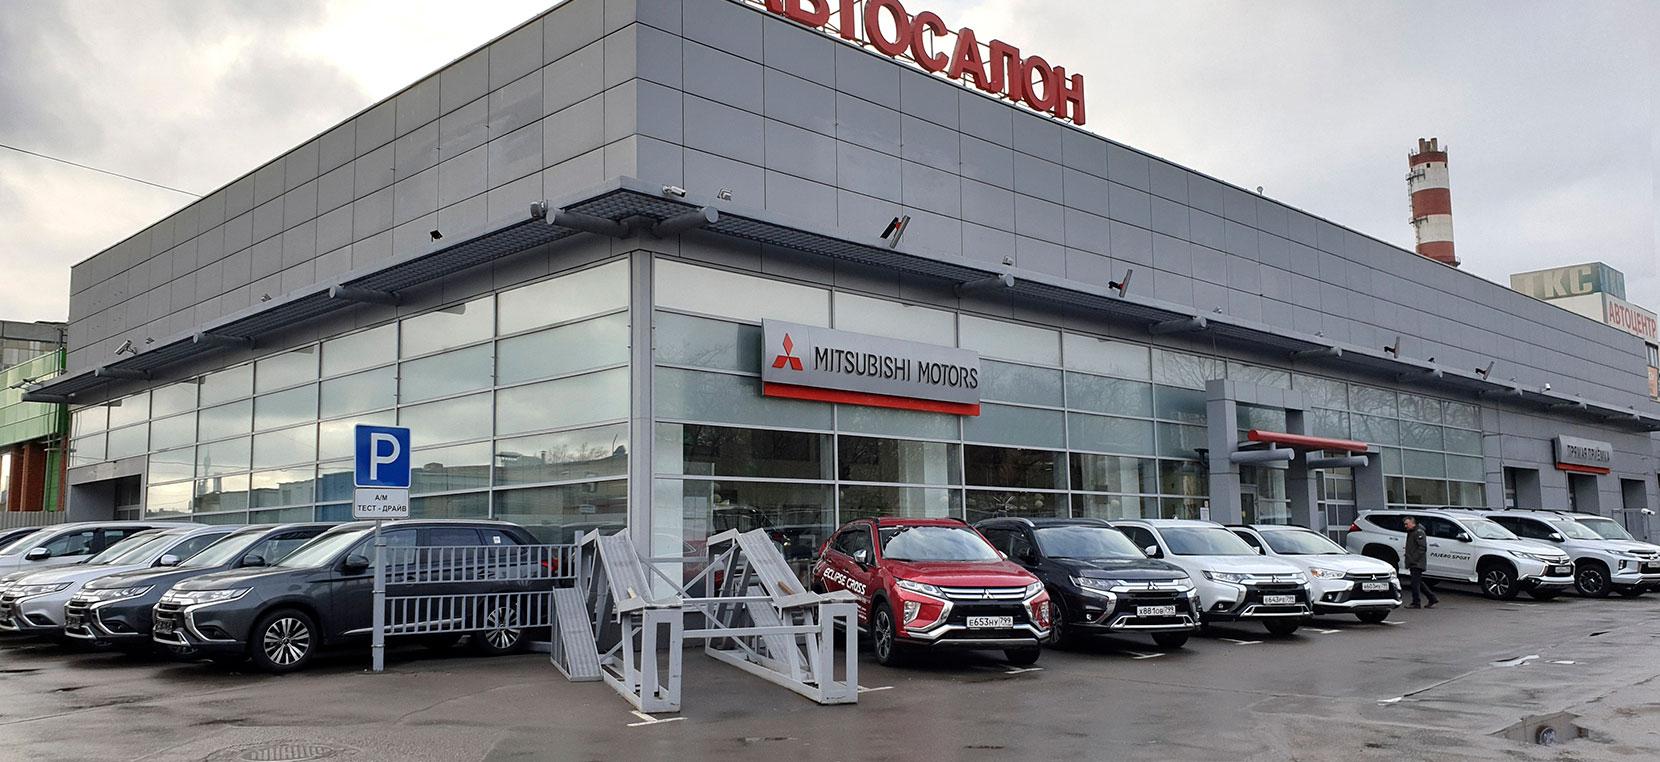 Автосалон рольф в москве авто с пробегом алтуфьево автосалоны москвы б у бмв